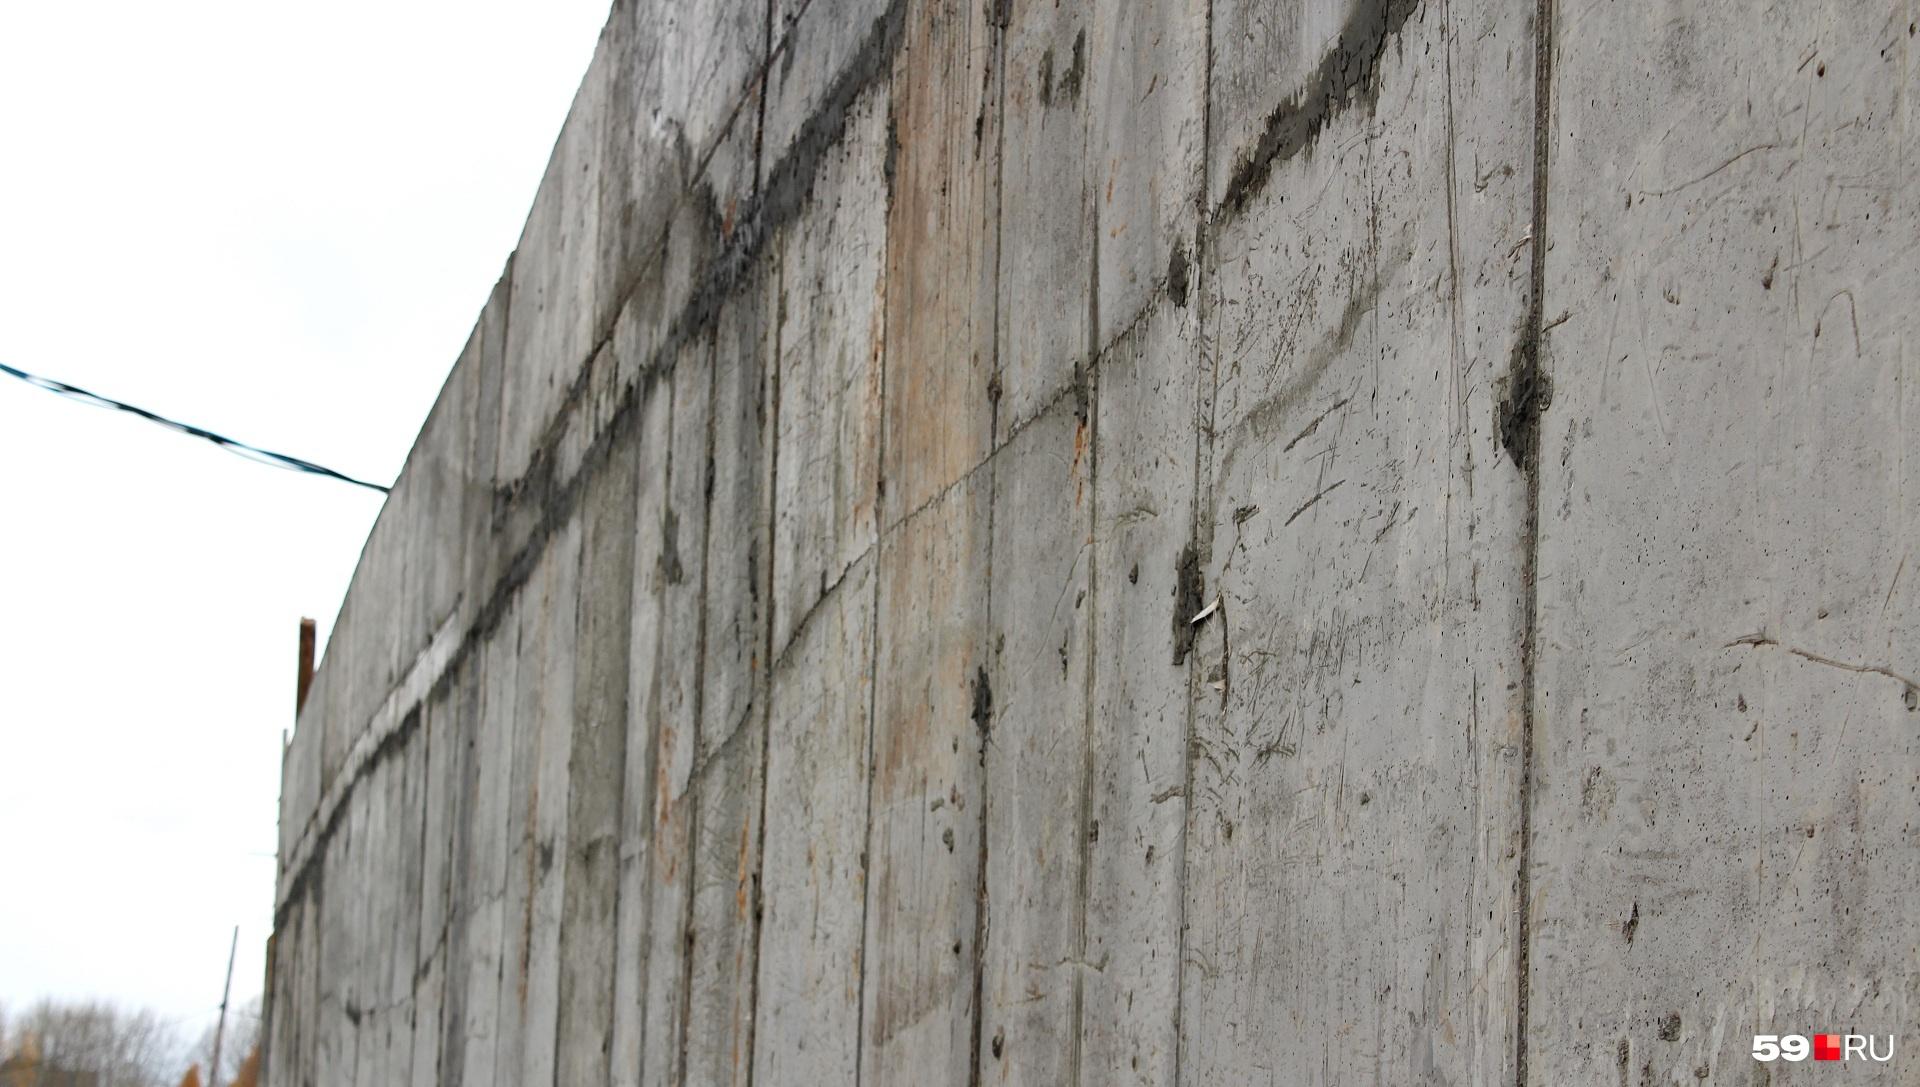 Кое-где они замазаны бетоном